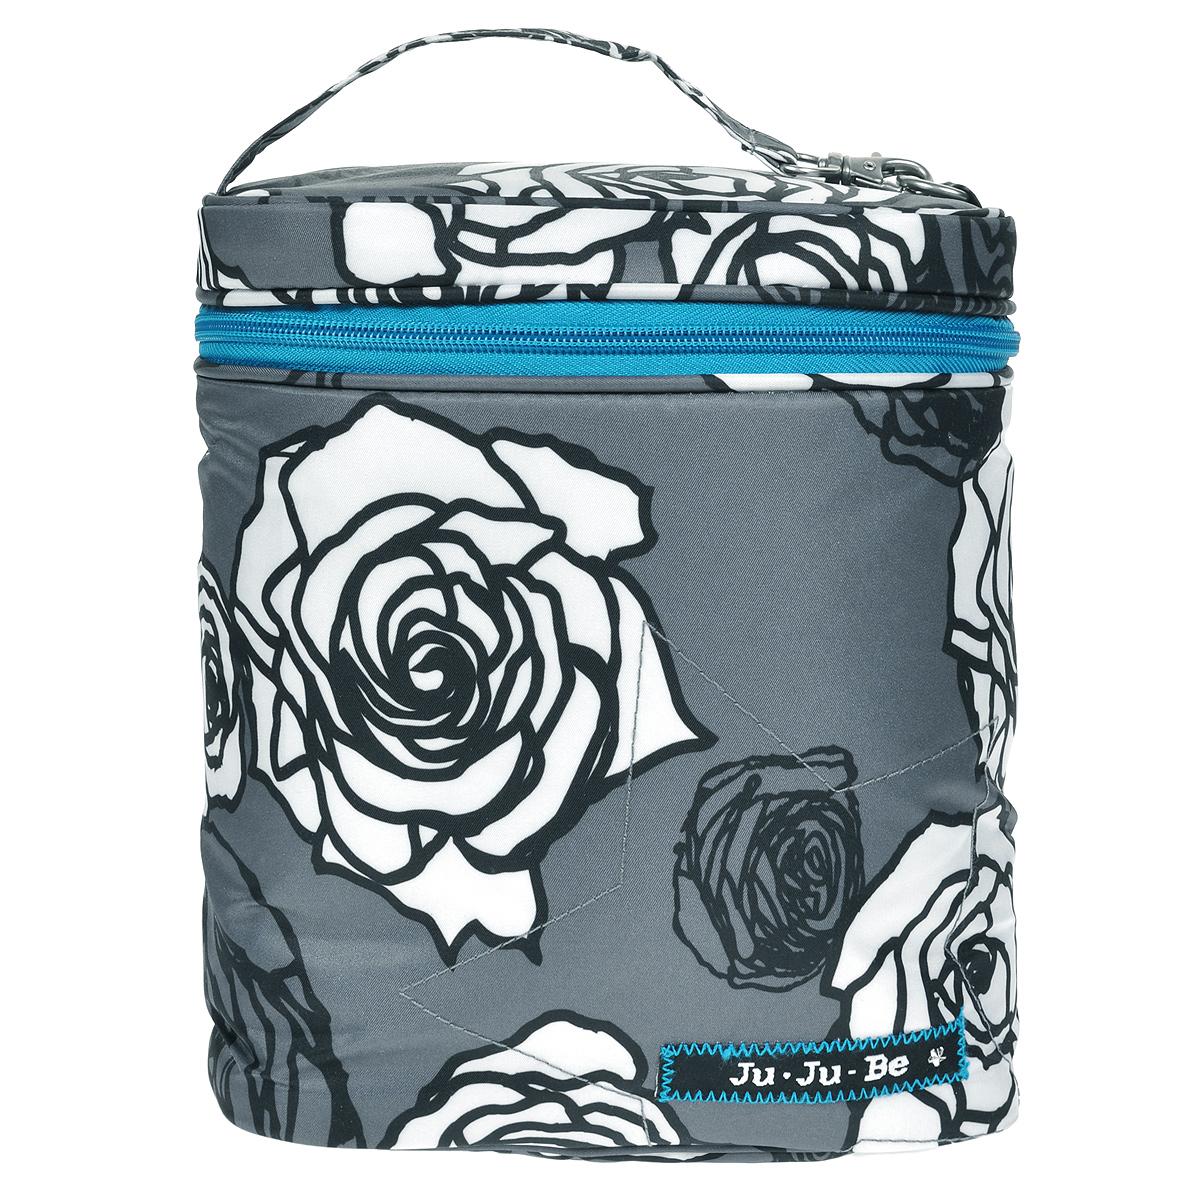 Термосумка для бутылочек Ju-Ju-Be Fuel Cell. Charcoal Roses, цвет: серый, белый08AA09A-0578Удобная и красивая термосумка Ju-Ju-Be Fuel Cell. Charcoal Roses позволит взять с собой бутылочки, поильники, детское питание и закуски. Она будет очень полезной во время длительного перелета, поездки в машине, на прогулке, в школе или в офисе. Сумка состоит из одного отделения, закрывающегося на застежку-молнию с двумя бегунками. В нее легко поместятся одна или две бутылки воды объемом 0,5 л, пара упаковок творожка, шоколадка, сок и все, что необходимо вам и малышу для легкого перекуса вне дома. Утеплитель Thinsulate замедляет остывание/ нагрев детского питания. На внутренней стороне крышки сумки находится прозрачный пластиковый кармашек на молнии. Не волнуйтесь, если что-то разлилось или испачкалось, термосумку для бутылочек Фуел Сел можно стирать в стиральной машине. Сумка оснащена ручкой для переноски в руке. С помощью металлического карабина ее легко можно повесить на коляску. ВНИМАНИЕ! Уважаемые клиенты,...